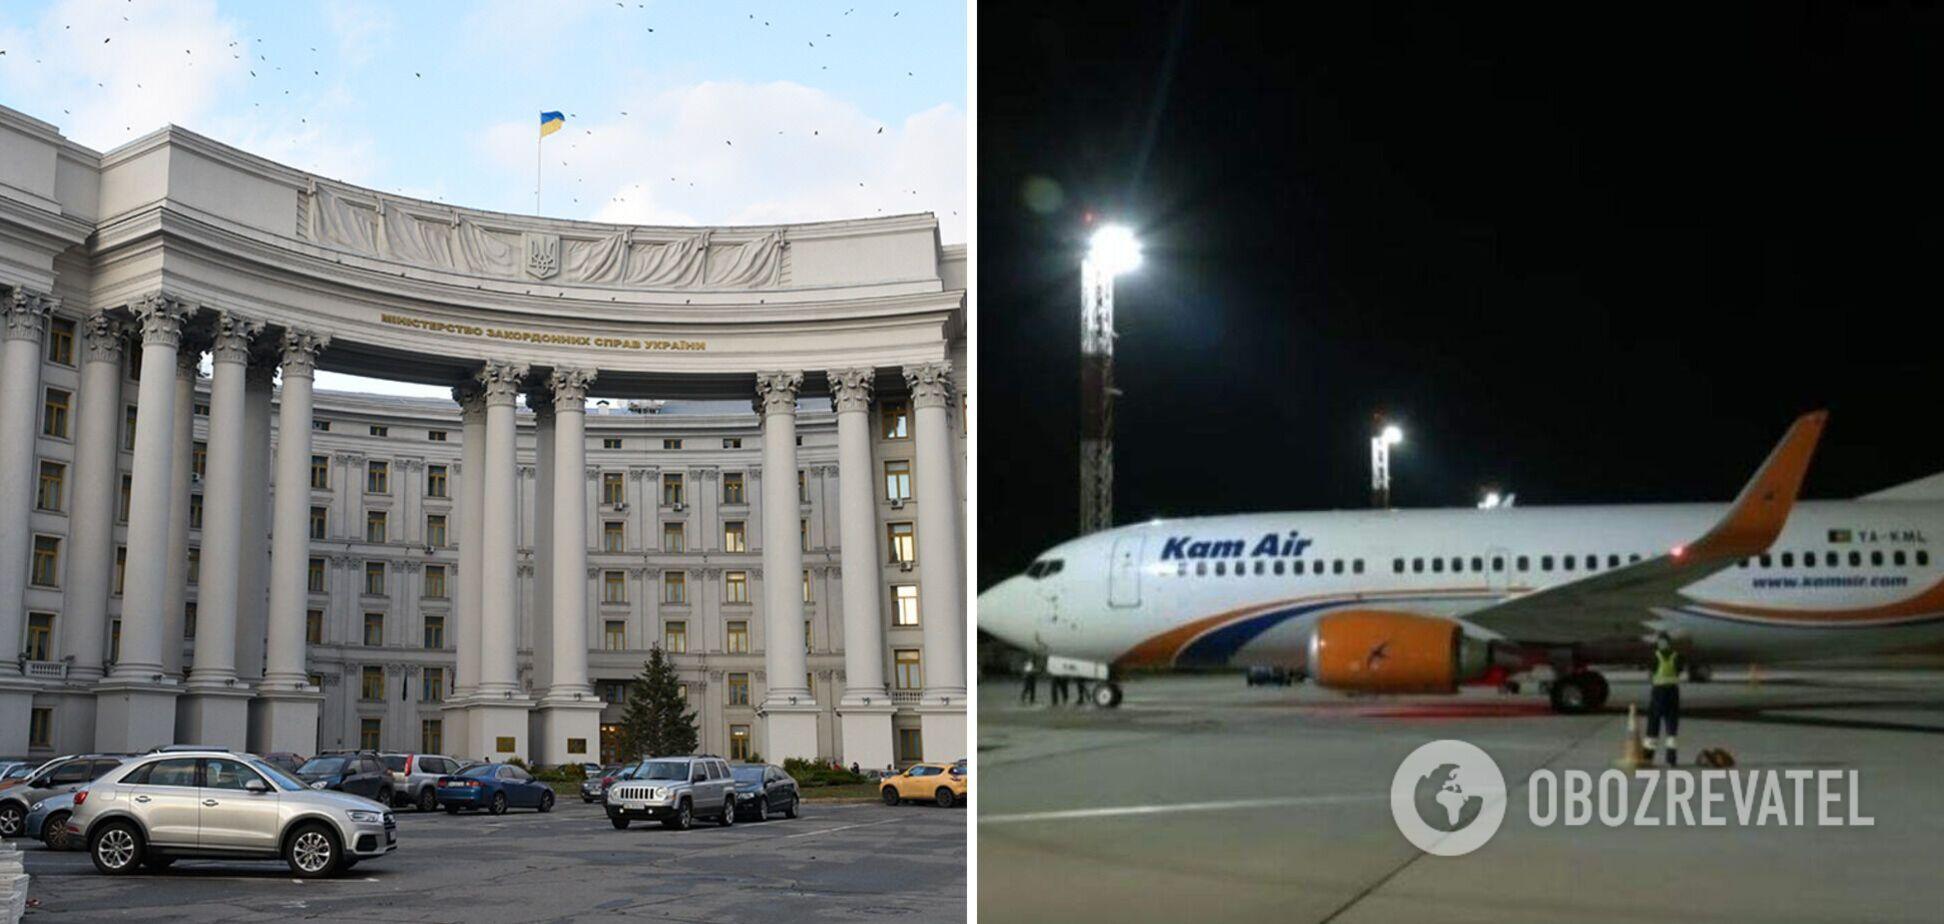 В МИД опровергли информацию о захвате украинского самолета в Кабуле. Все подробности